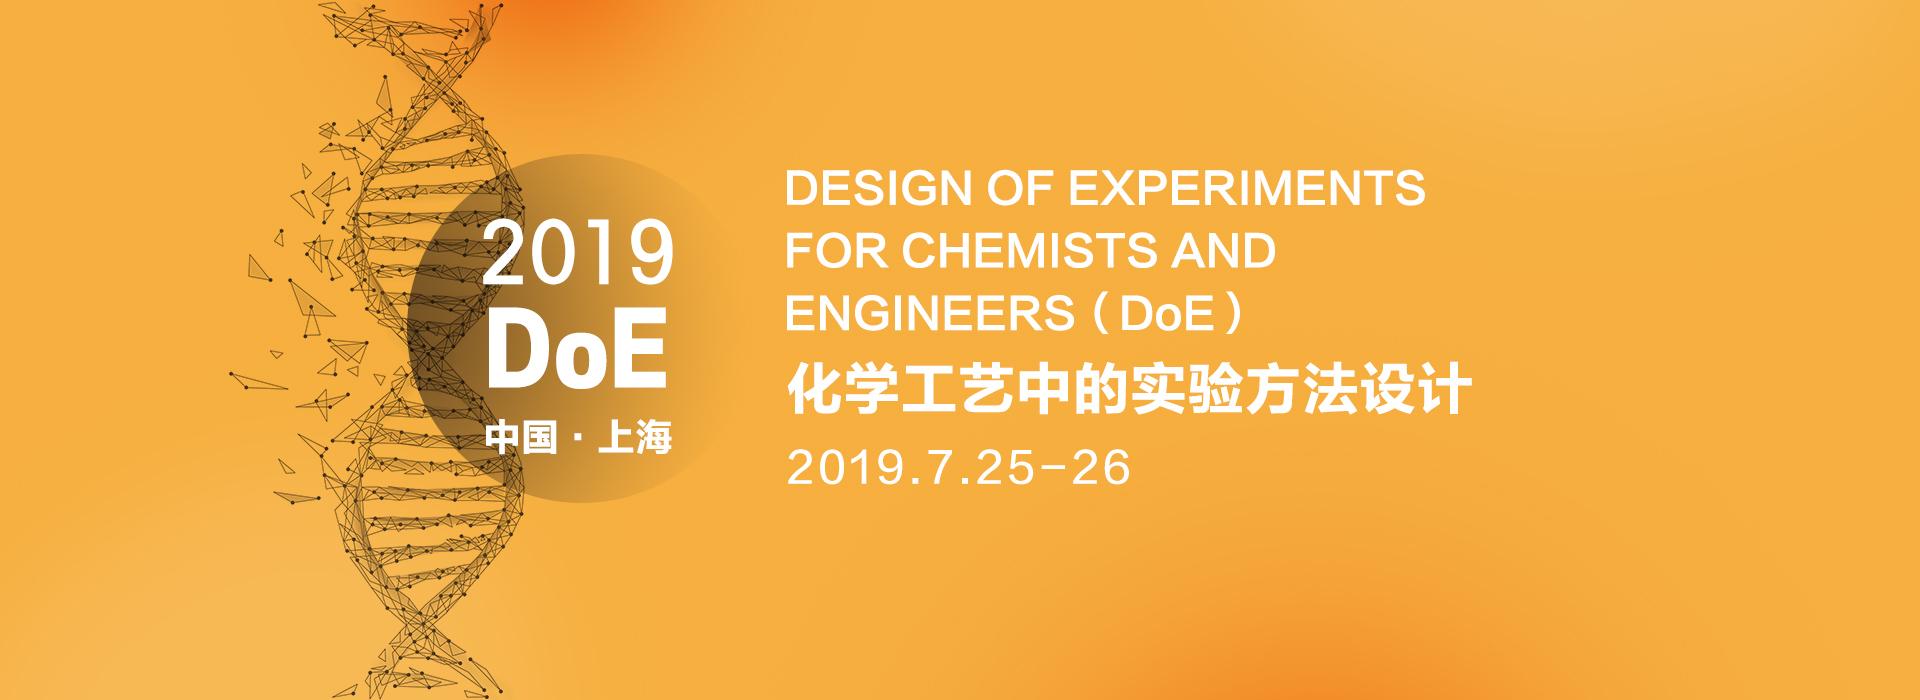 化学工艺中的实验方法设计(DoE)